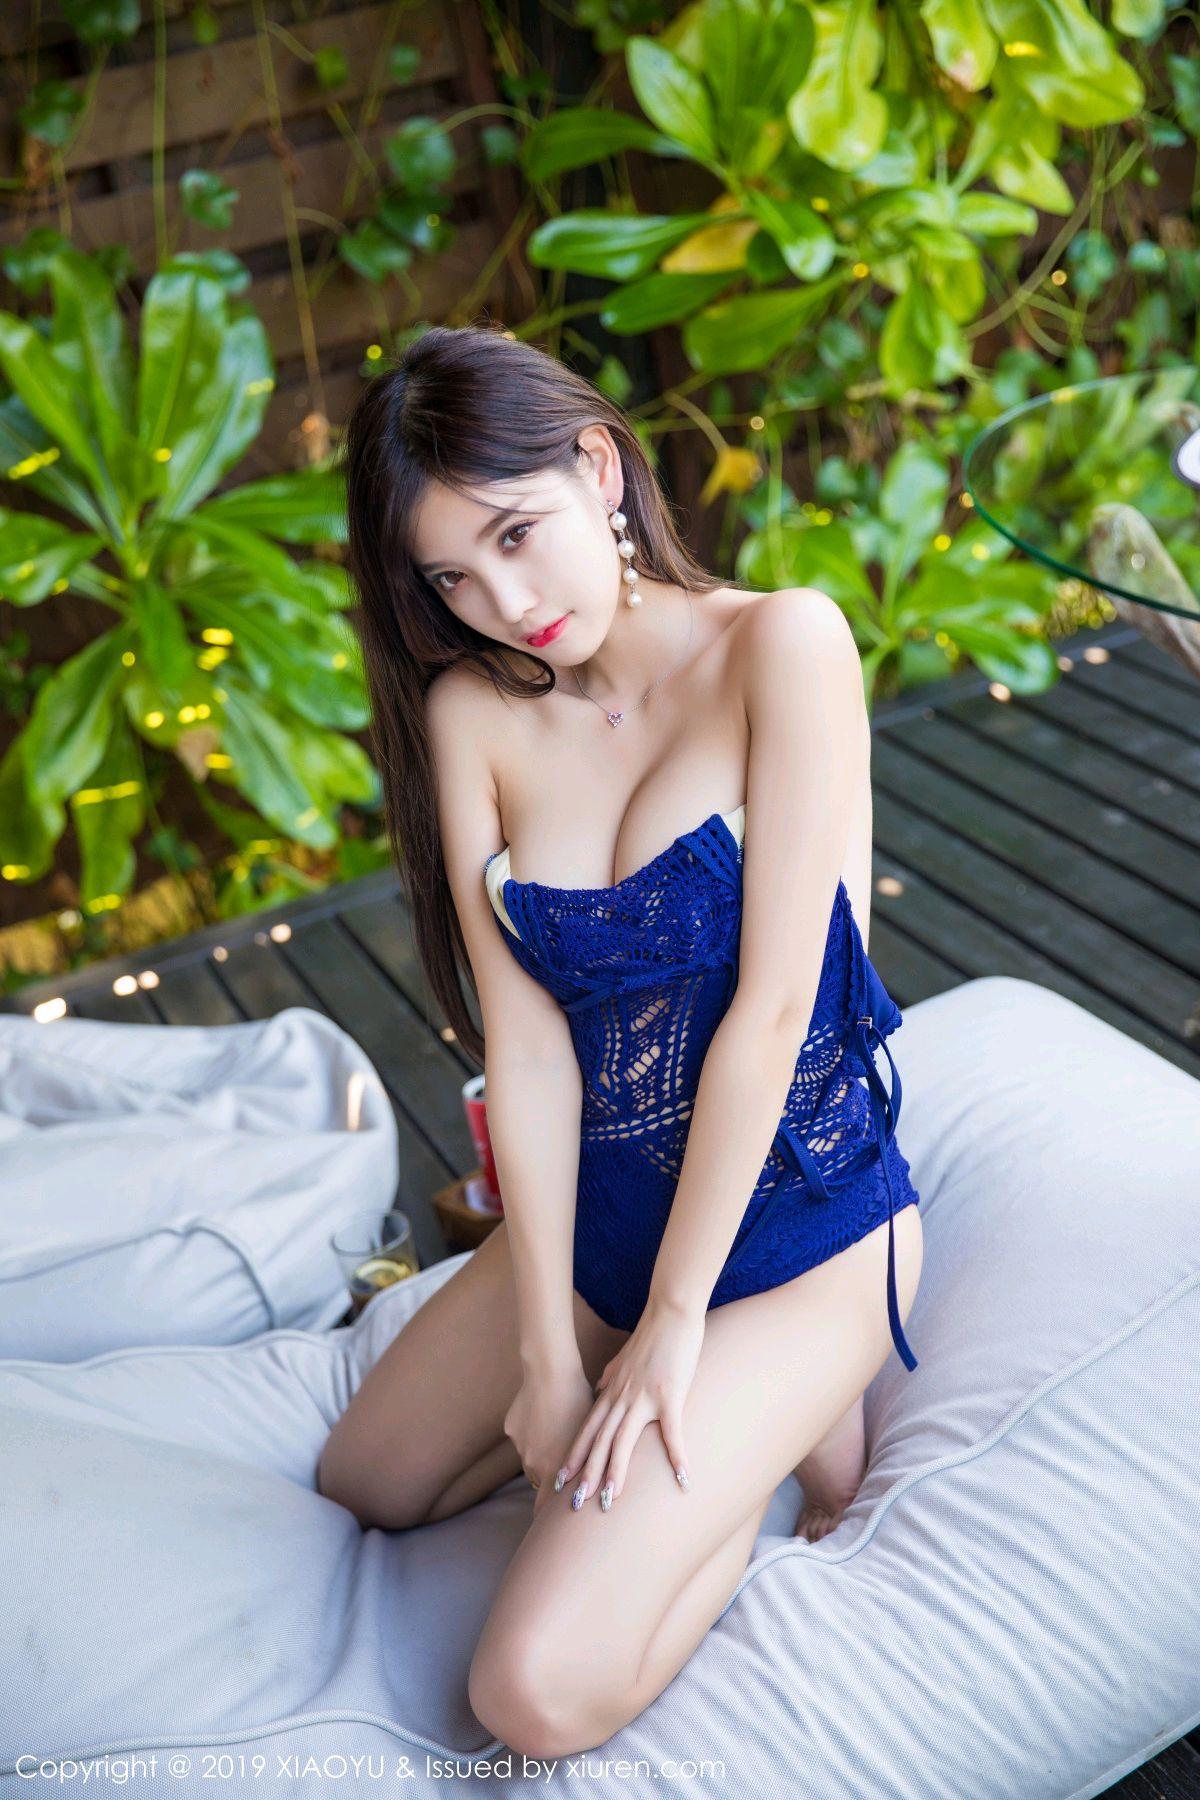 [XiaoYu] Vol.099 Yang Chen Chen 31P, Underwear, XiaoYu, Yang Chen Chen